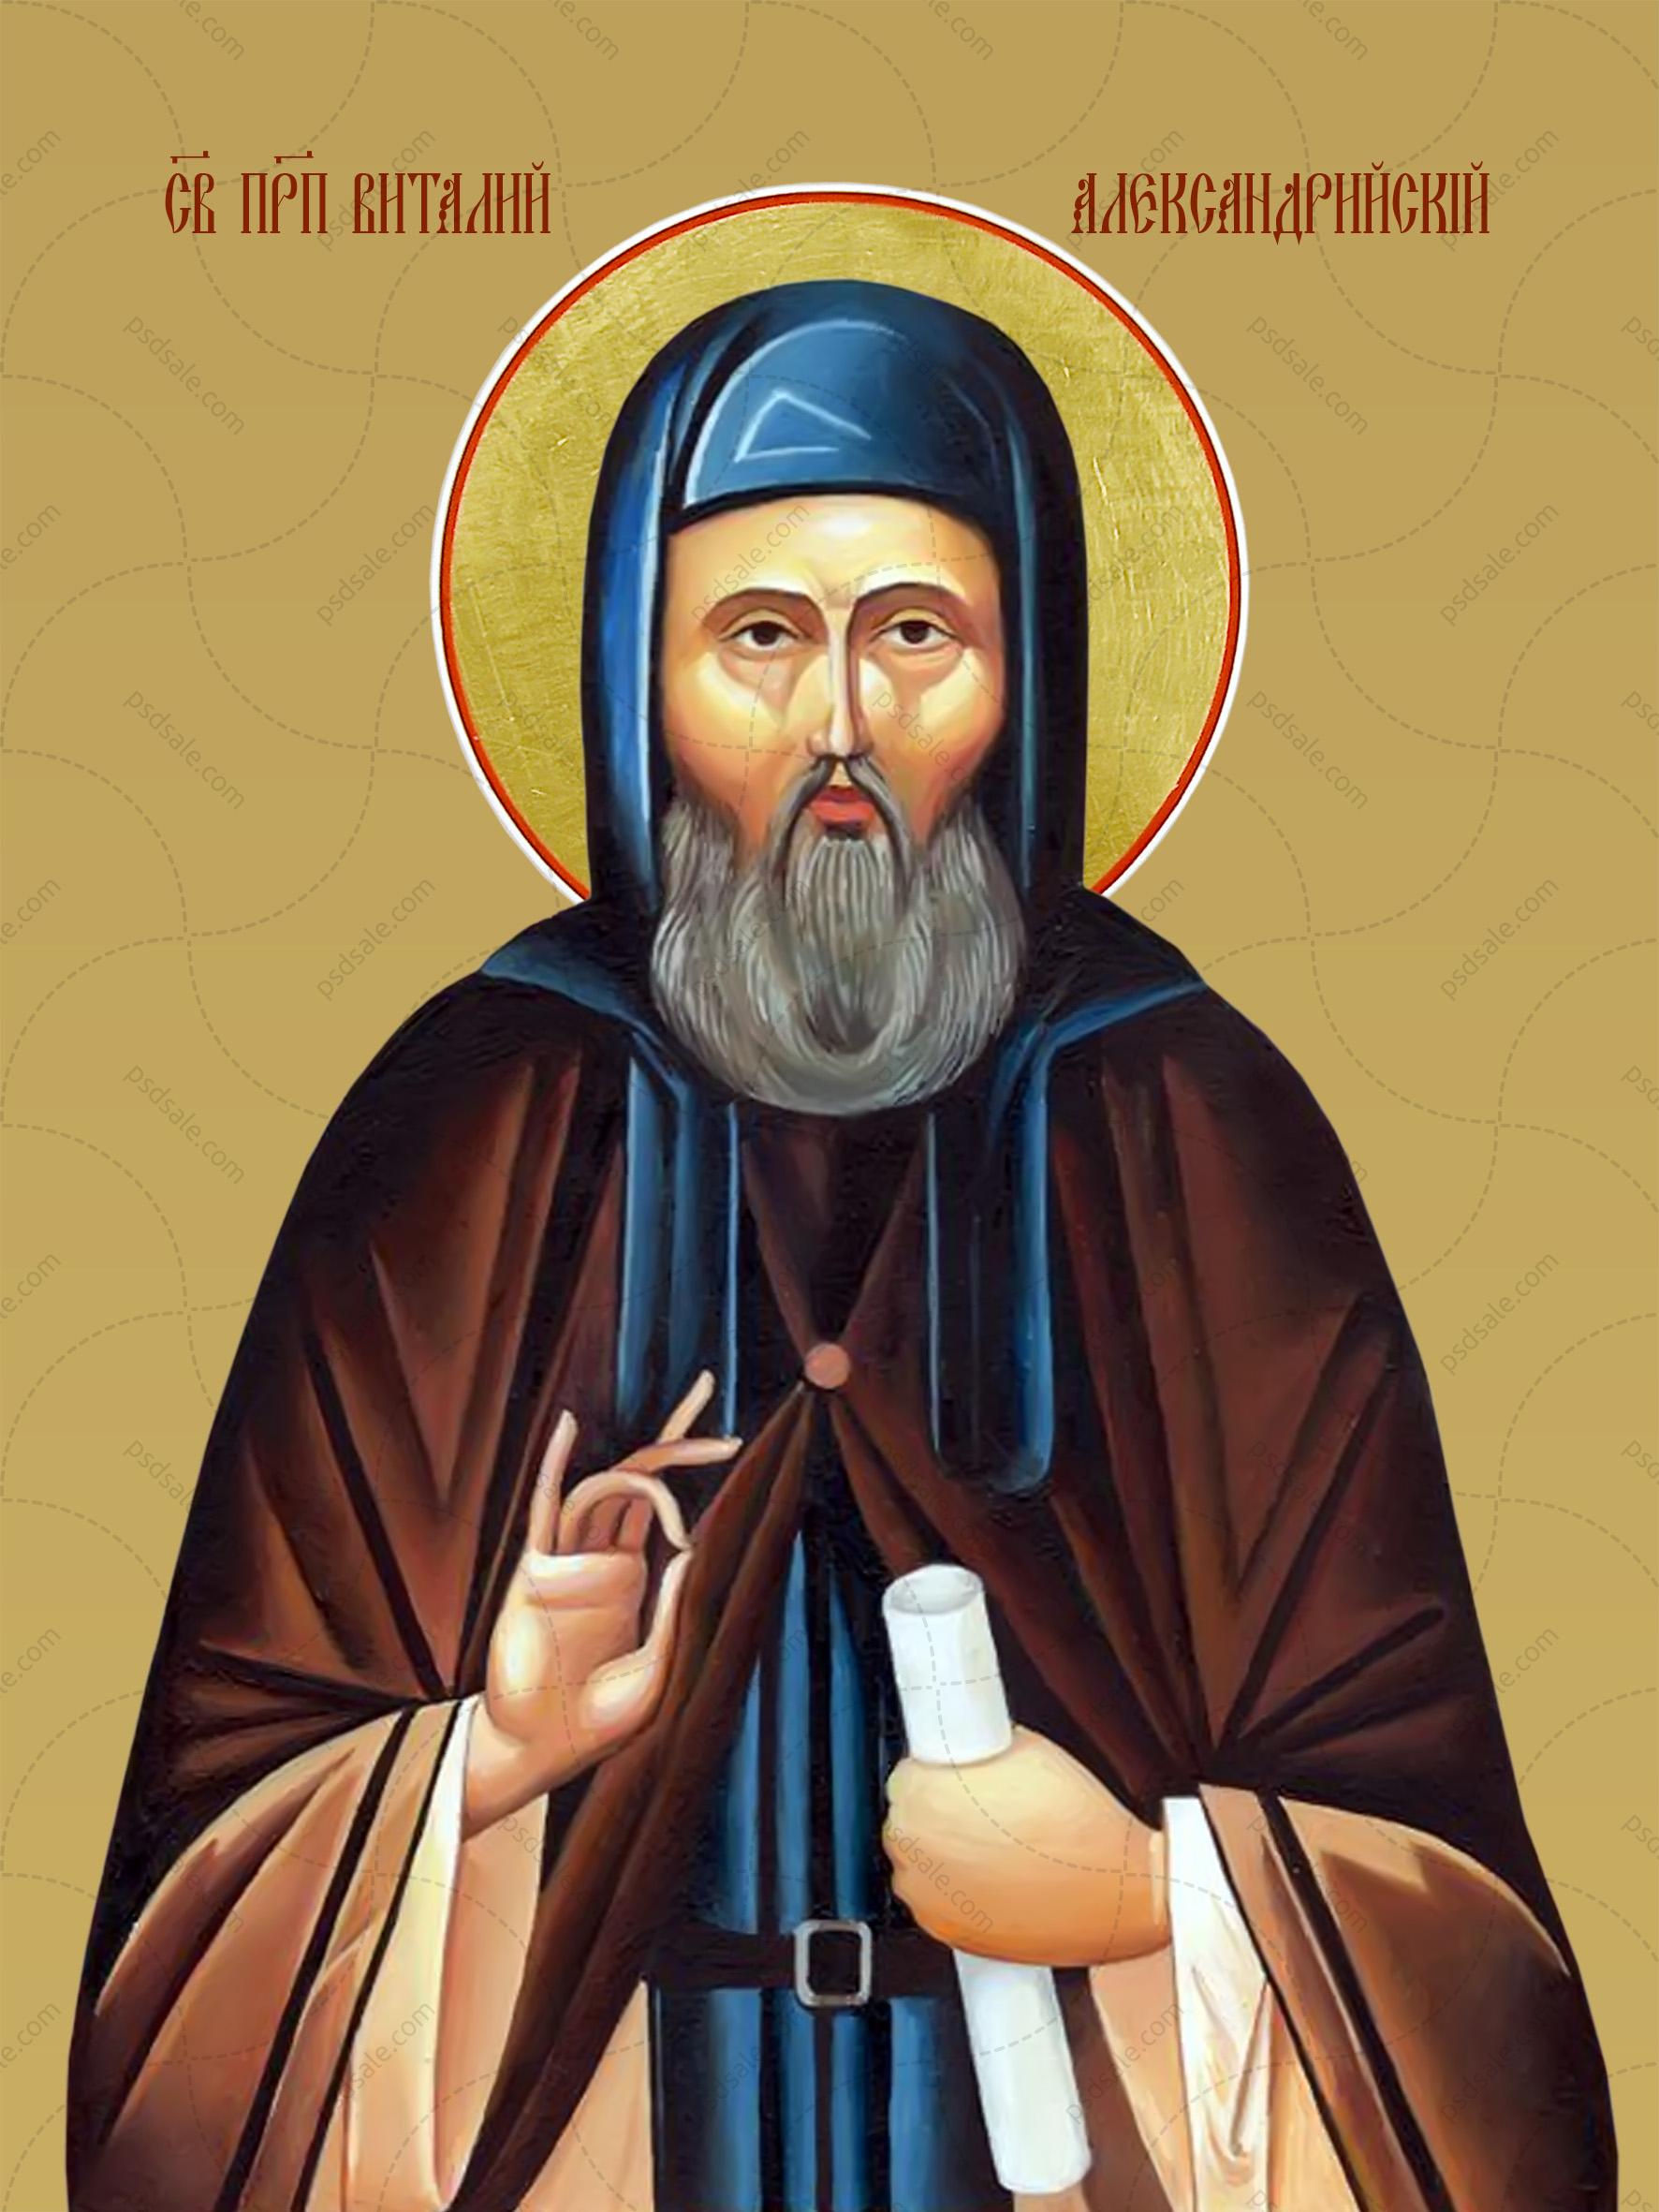 Виталий Александрийский, преподобный